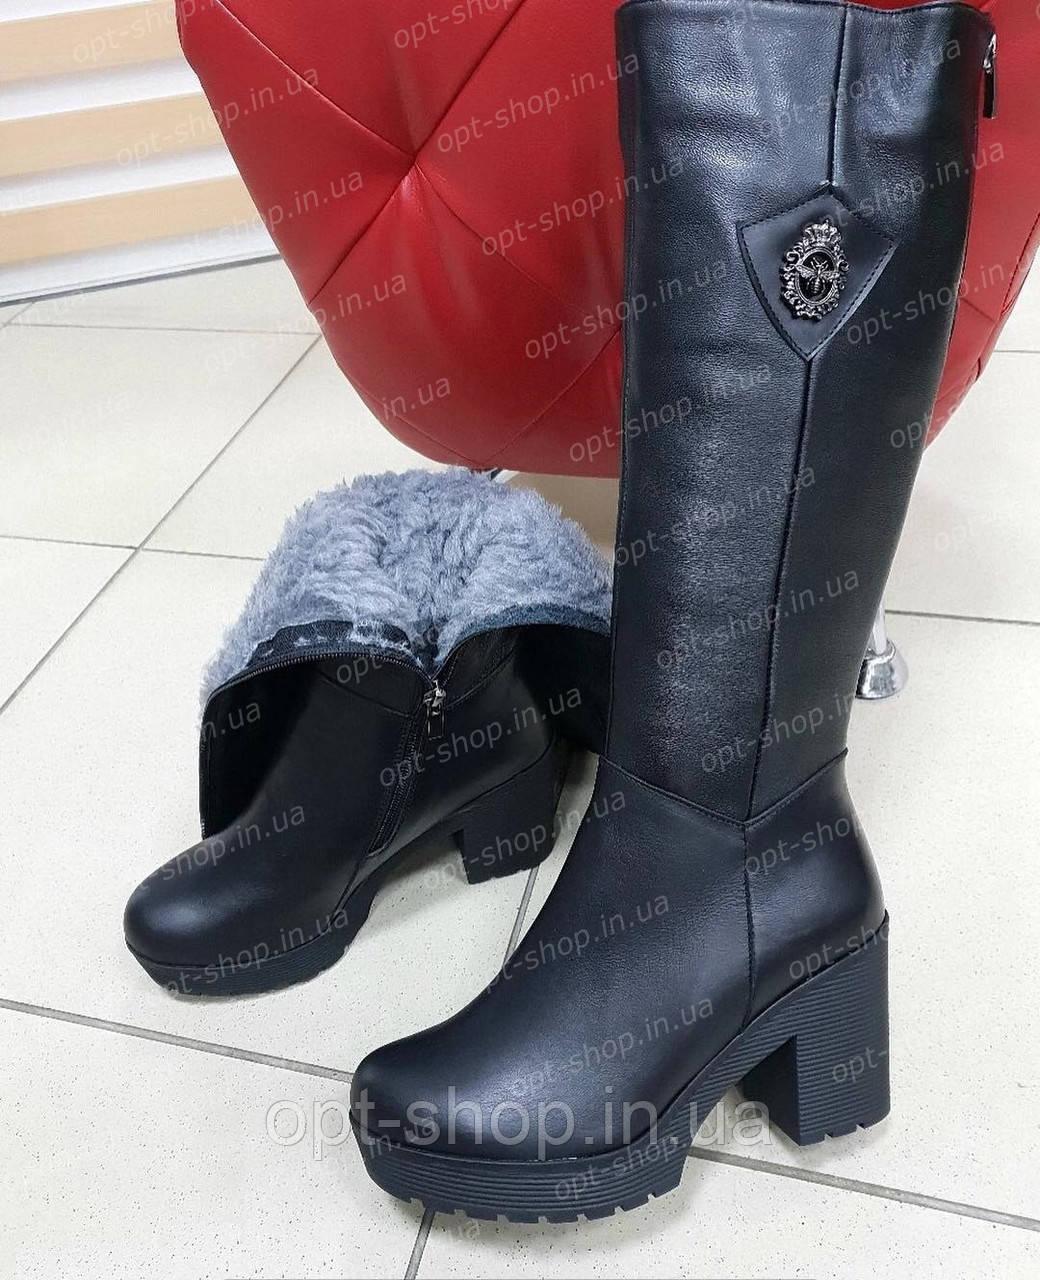 Женские зимние высокие черные сапоги натуральная кожа на полную широкую ногу на толстом устойчивом каблуке